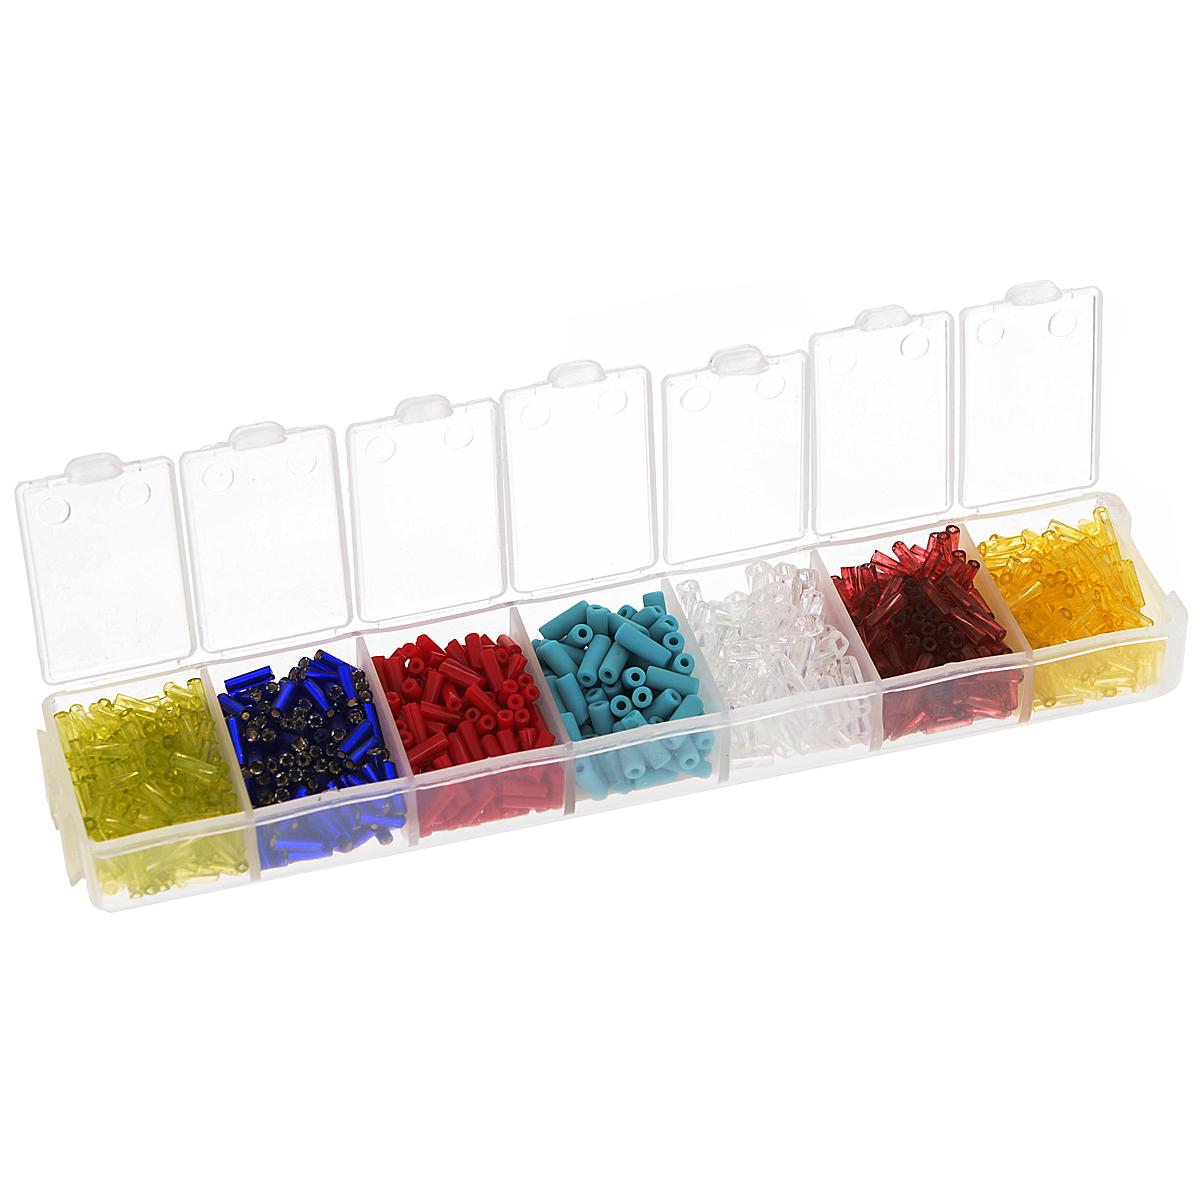 Набор стекляруса Preciosa Ассорти №1, 7 цветов, 90 г7704343Набор стекляруса Preciosa Ассорти №1 позволит вам своими руками создать оригинальные ожерелья, бусы или браслеты, а также заняться вышиванием. В бисероплетении часто используют стеклярус разных размеров и цветов. Он идеально подойдет для вышивания на предметах быта и женской одежде. Набор включает в себя стеклярус разных размеров и цветов: желтого, красного, темно-красного, прозрачного, бирюзового, синего и салатового. Предметы набора упакованы в пластиковую коробочку с семью отсеками. Изготовление украшений - занимательное хобби и реализация творческих способностей рукодельницы, это возможность создания неповторимого индивидуального подарка.